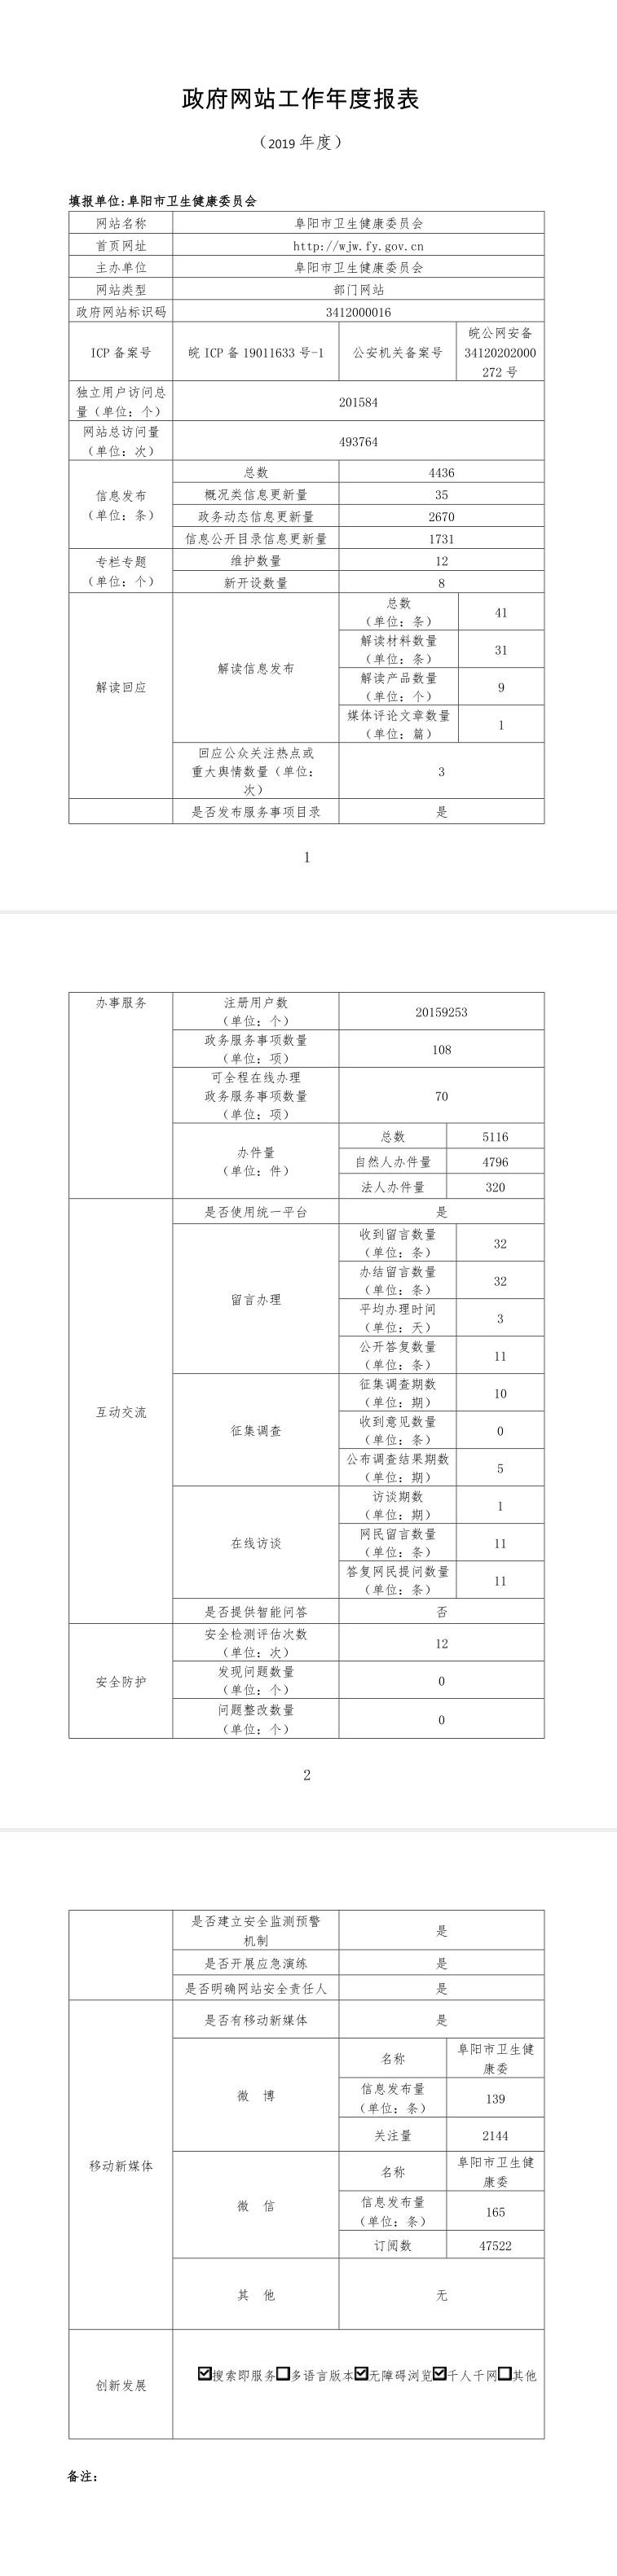 阜阳市卫生健康委员会2019年度政府网站工作报表.png